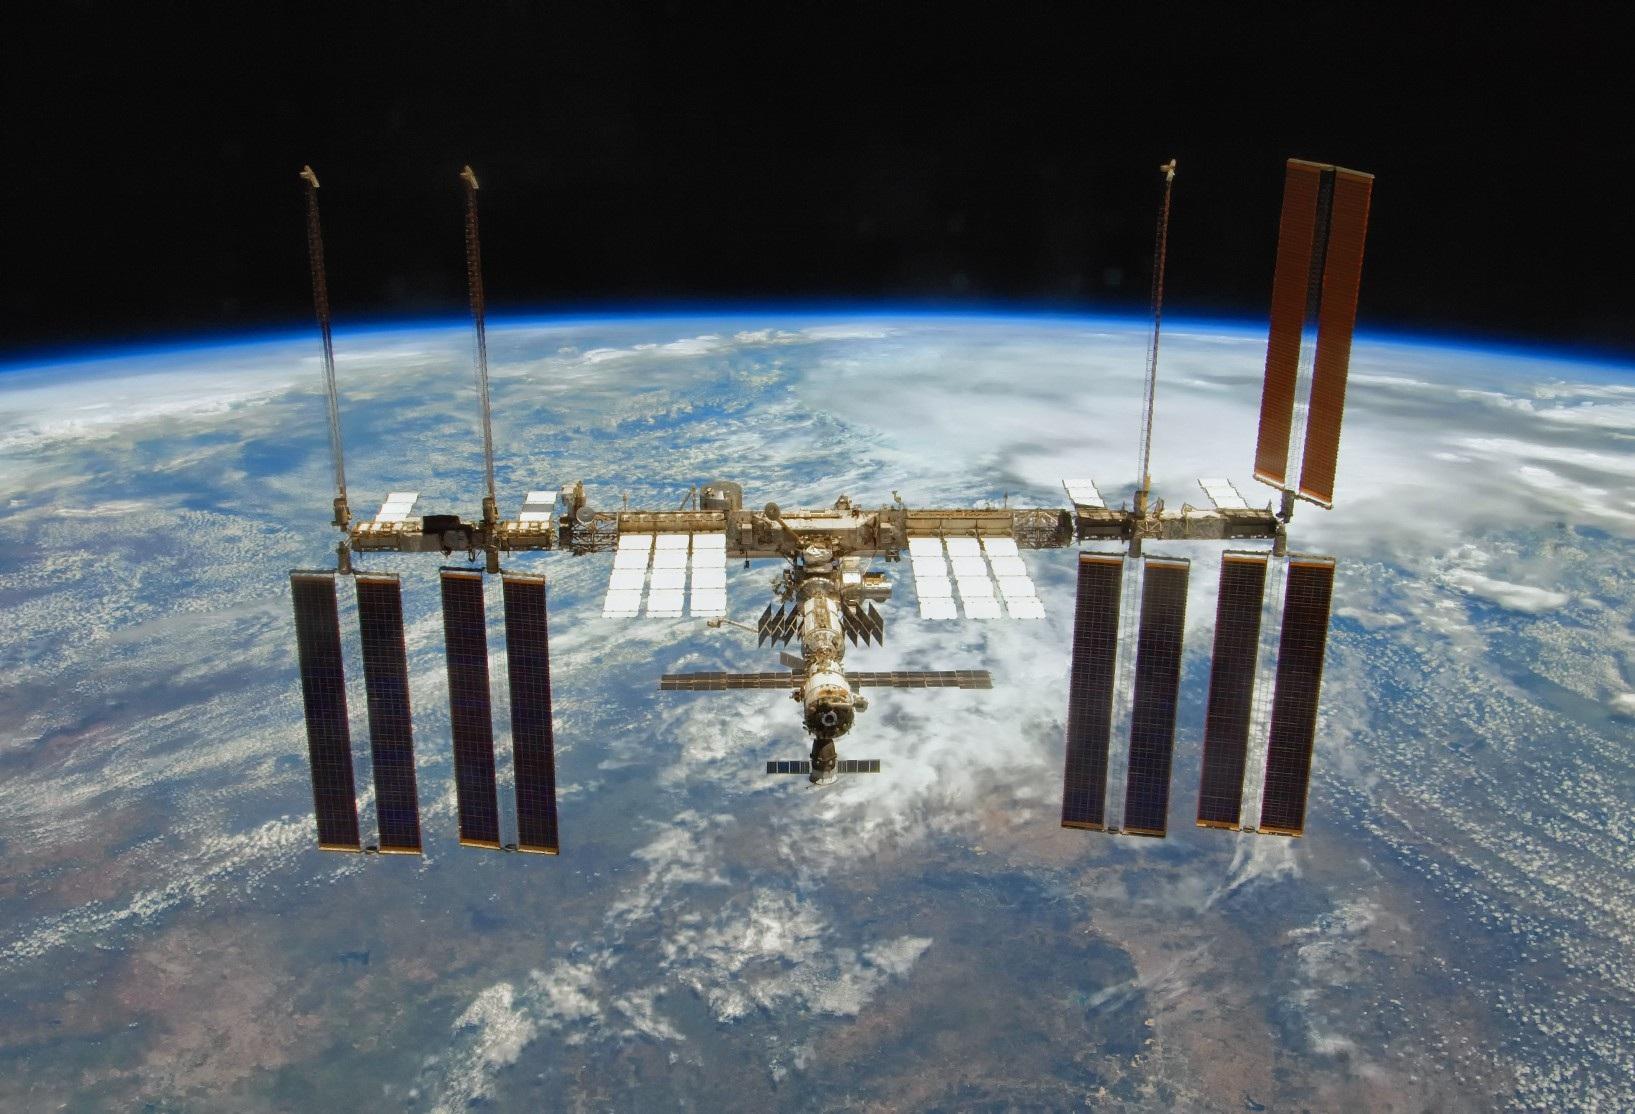 Một Trái Đất hoàn toàn lạ lẫm qua những cảnh quay từ trạm vũ trụ ISS - Ảnh 1.